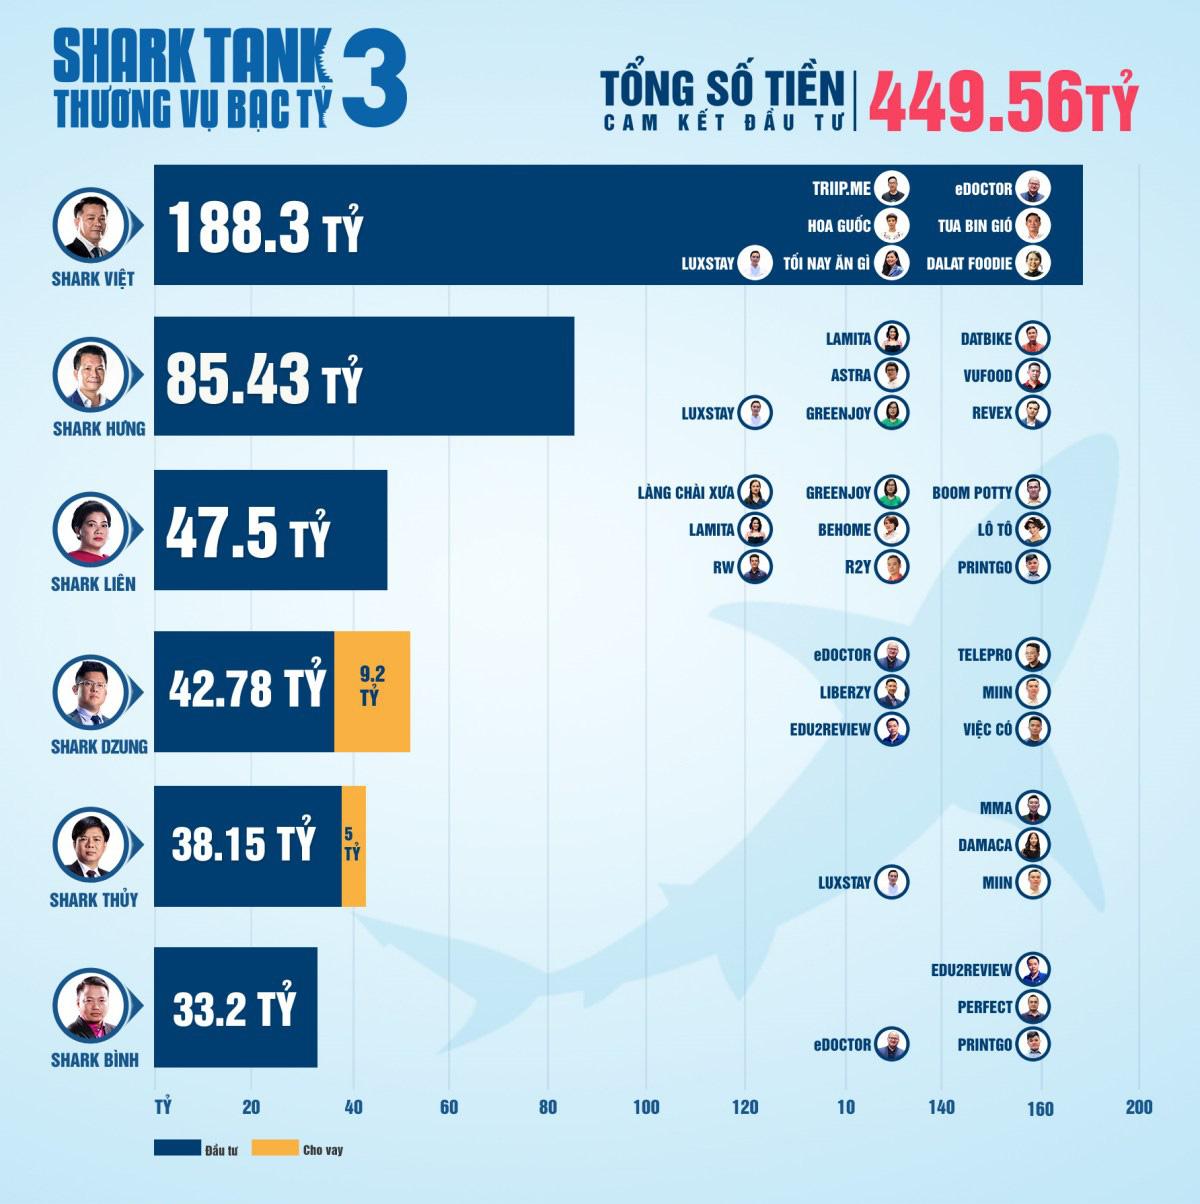 Shark Tank Việt Nam mùa 3 - Hành trình lan tỏa cảm hứng khởi nghiệp mạnh mẽ - Ảnh 1.